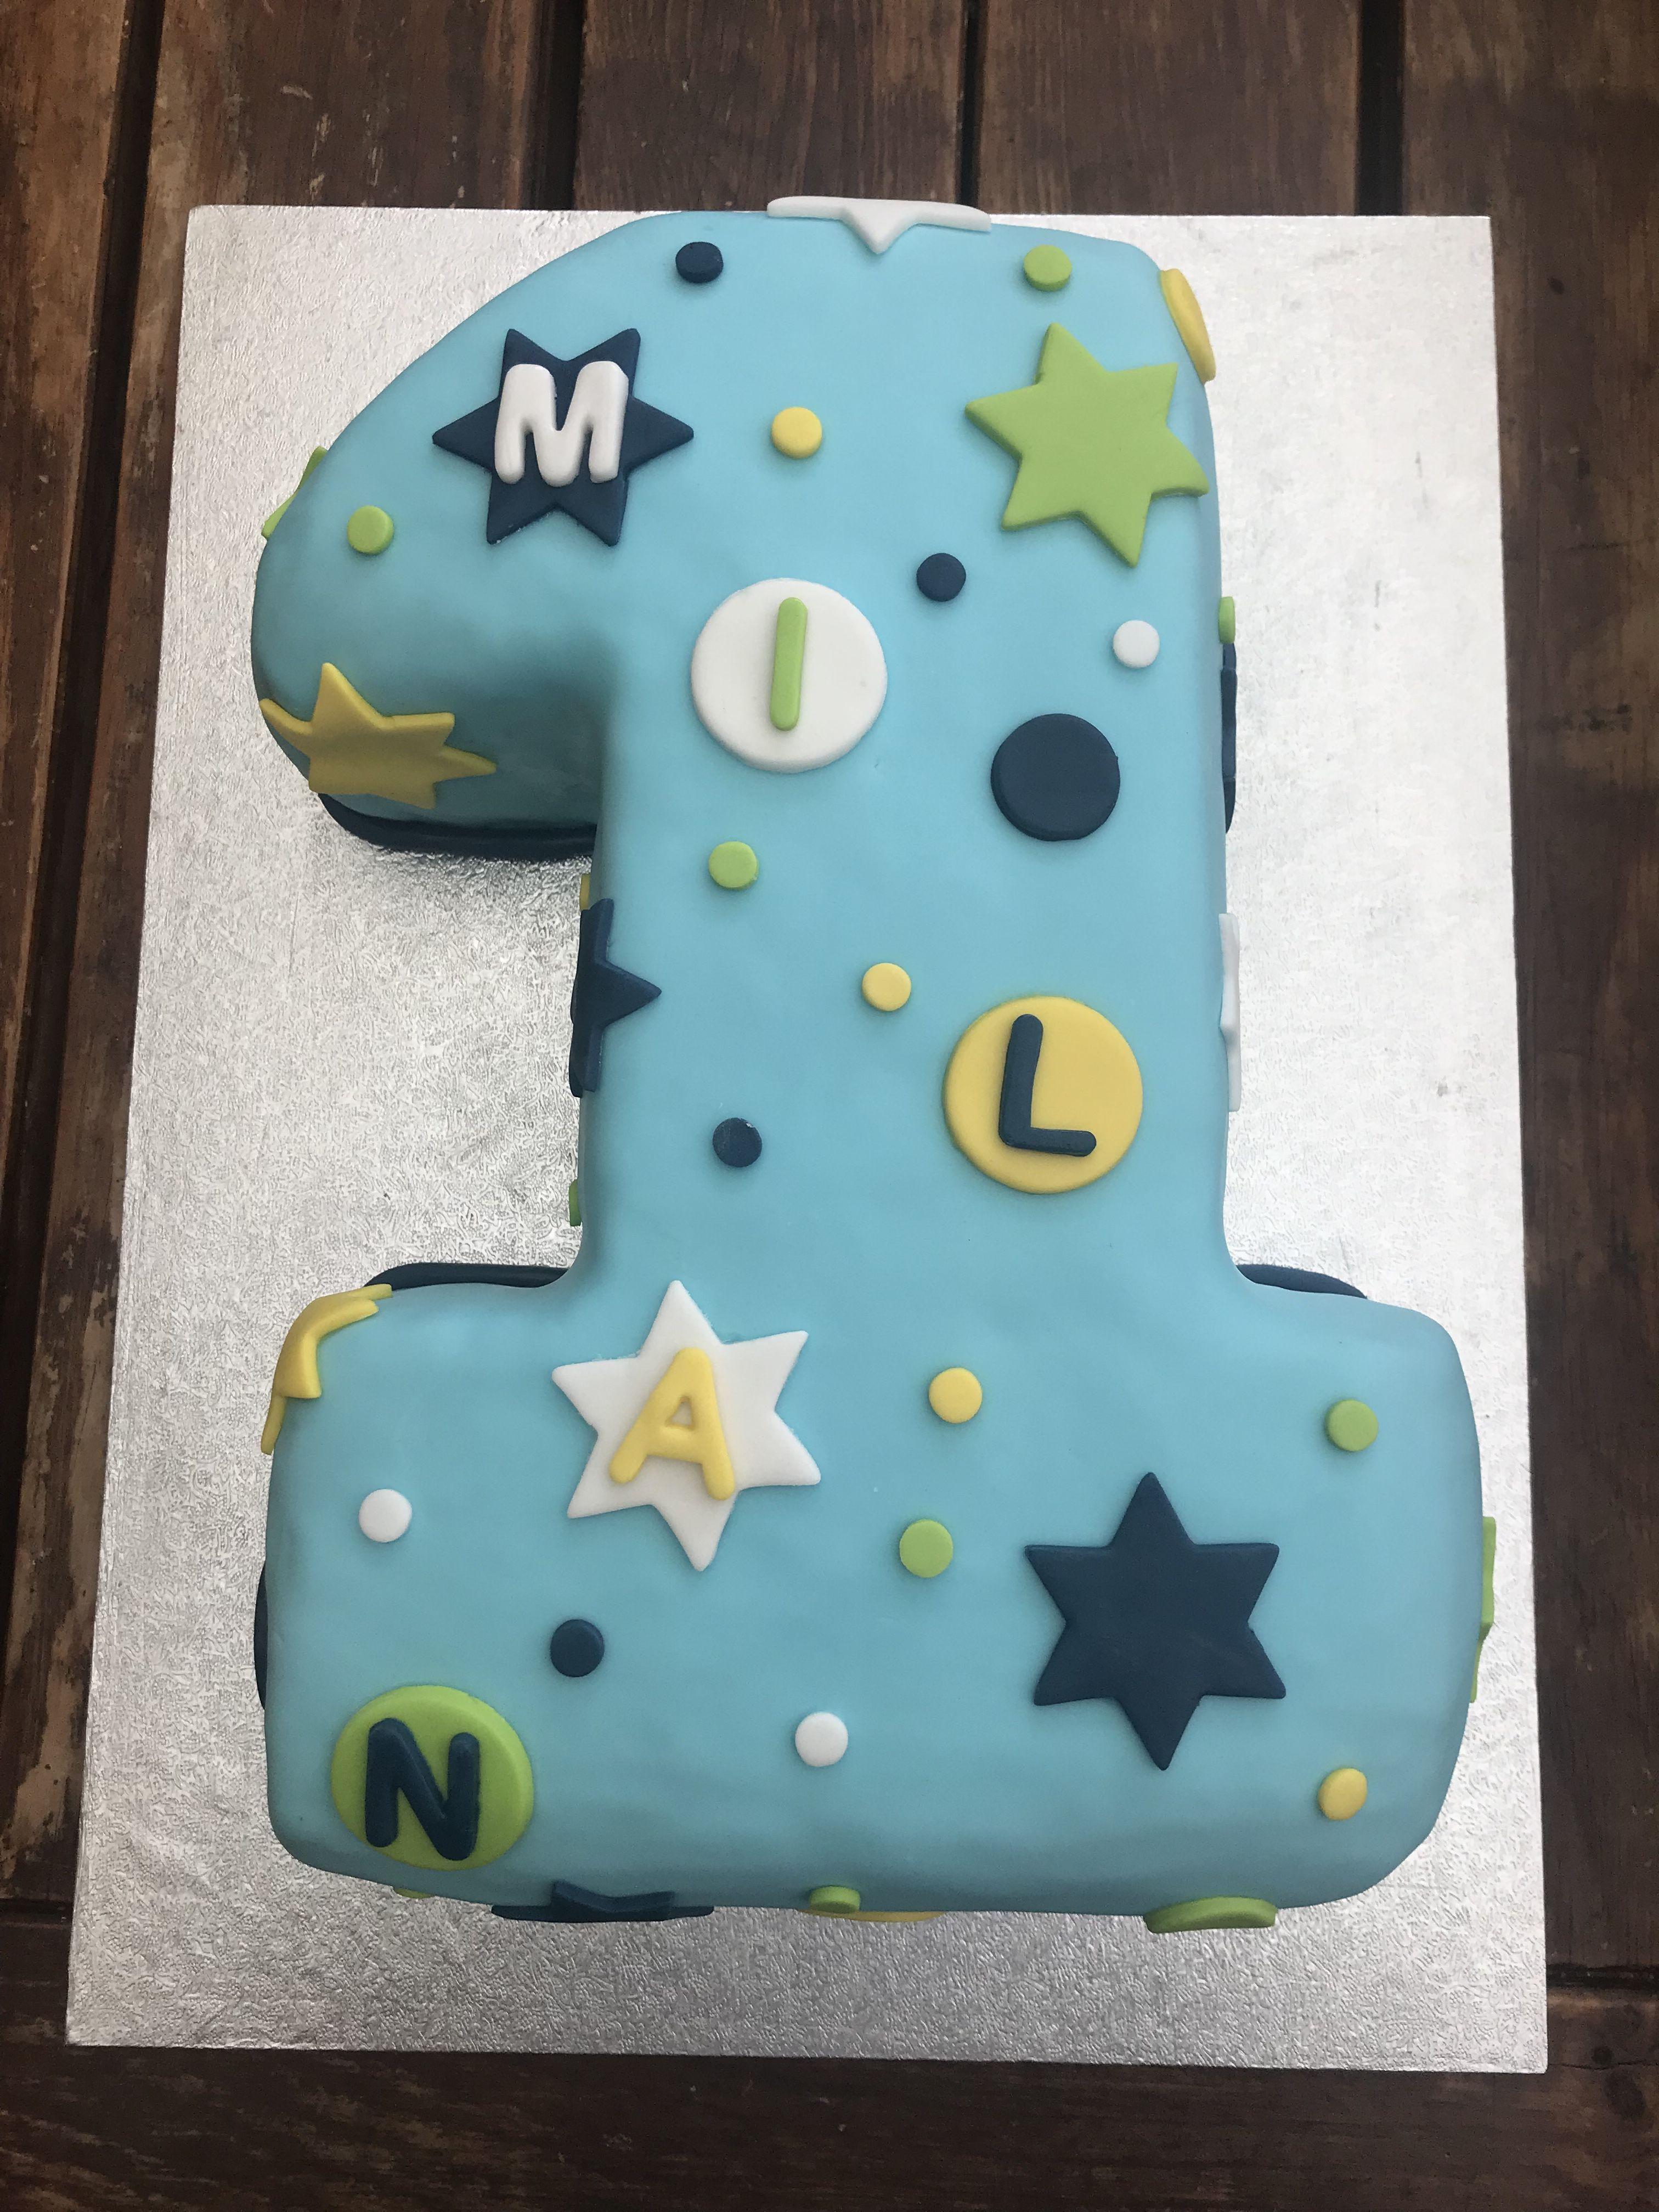 Geburtstagstorte 1 Geburtstag  Torte Zum 1 Geburtstag Von Meinem Patenkind